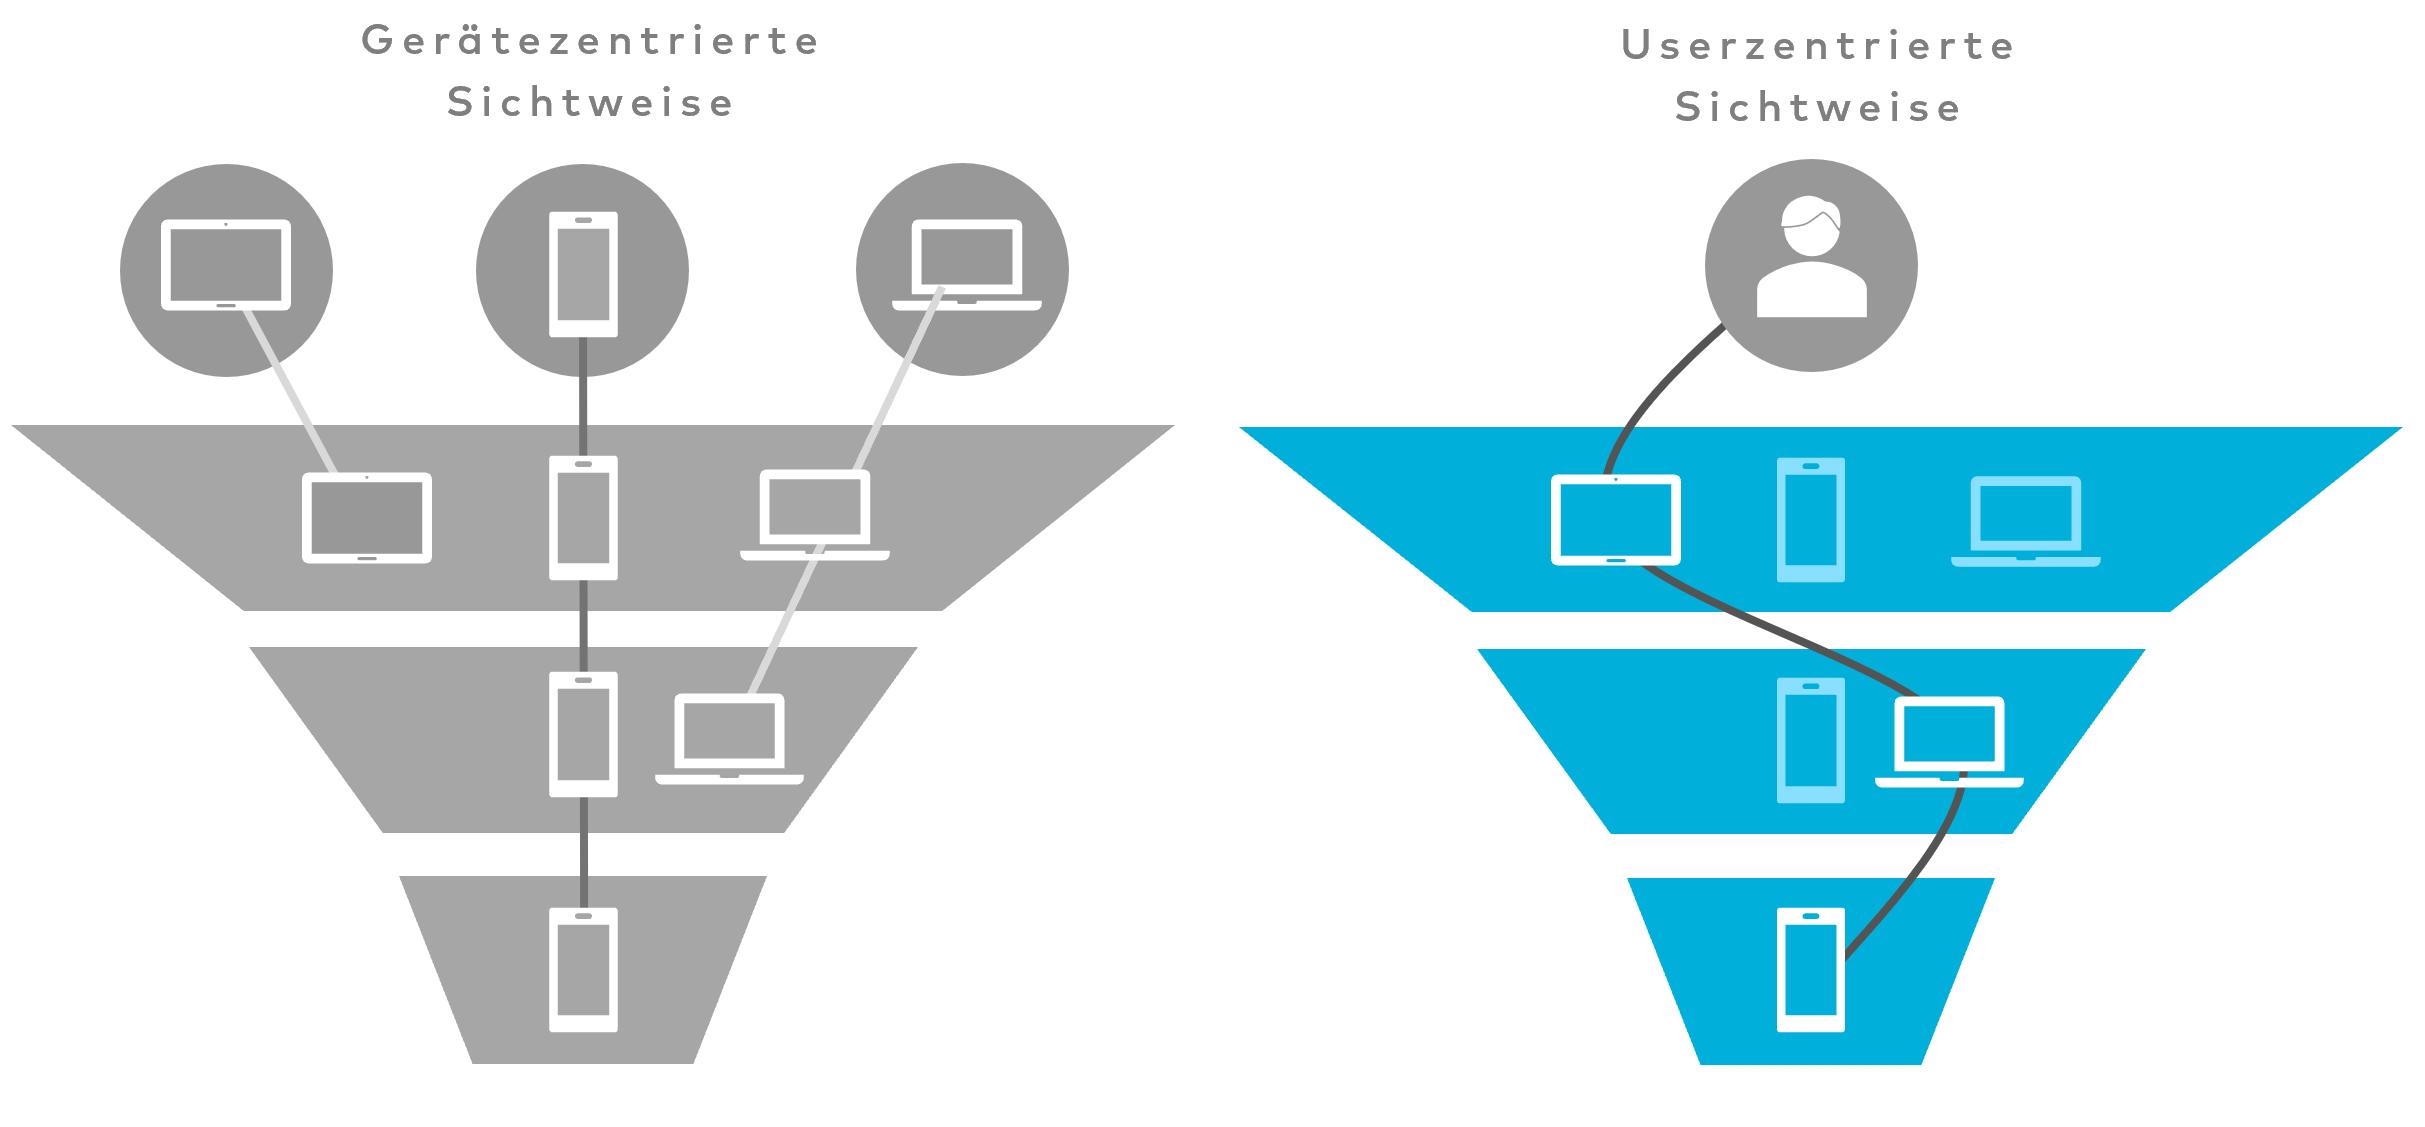 Grafik gerätezentriert vs. nutzerzentriert